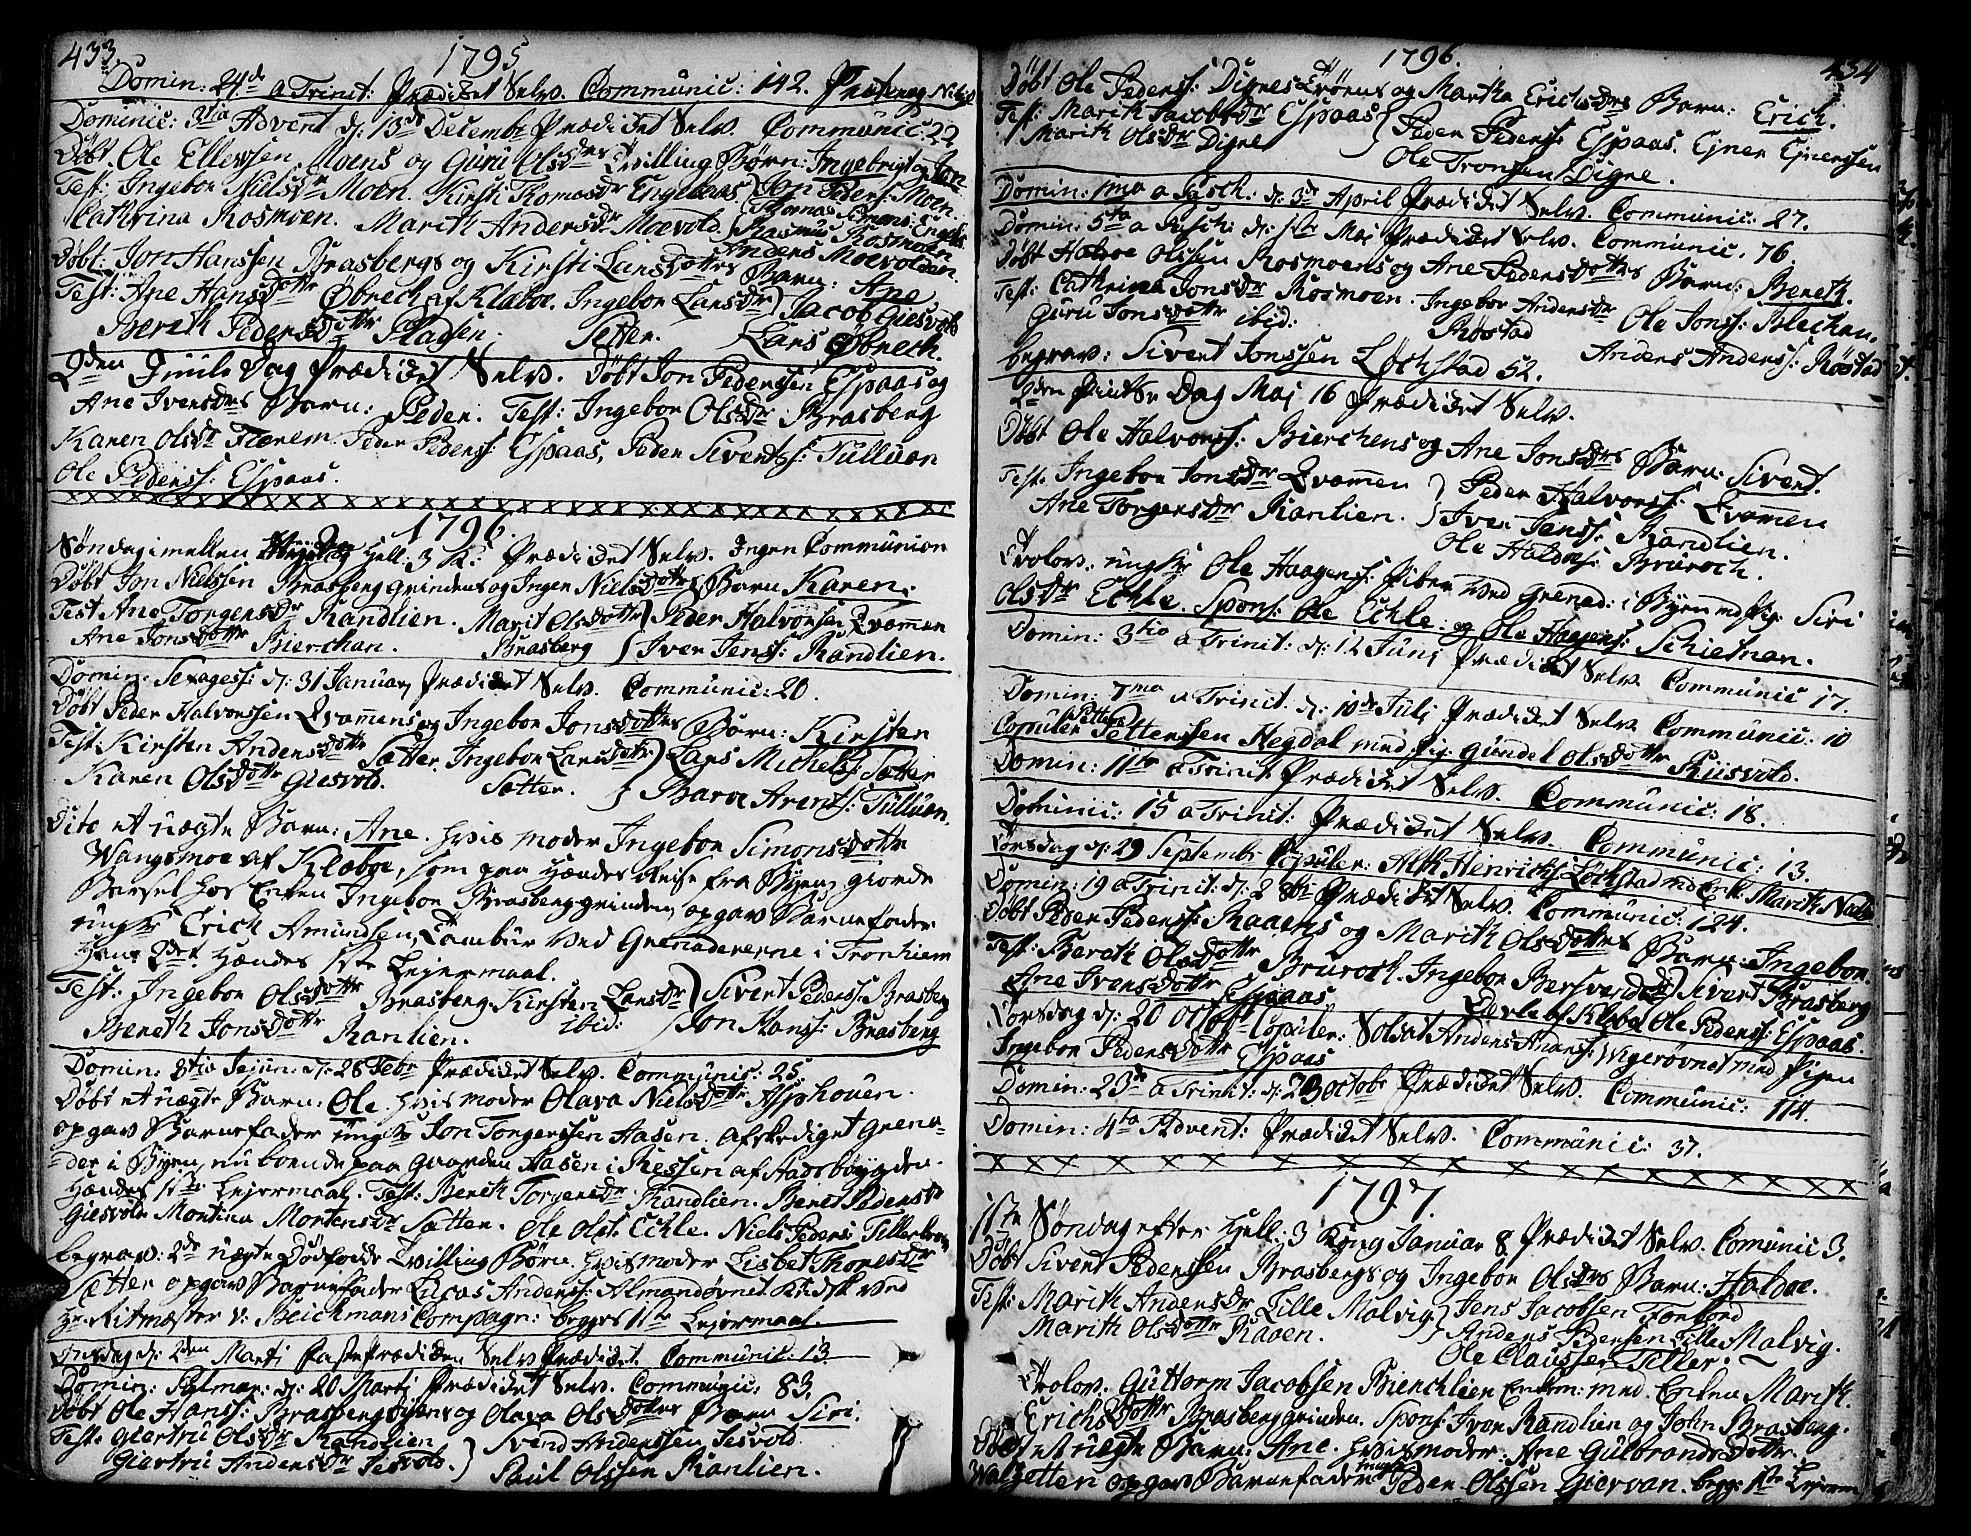 SAT, Ministerialprotokoller, klokkerbøker og fødselsregistre - Sør-Trøndelag, 606/L0282: Ministerialbok nr. 606A02 /3, 1781-1817, s. 433-434